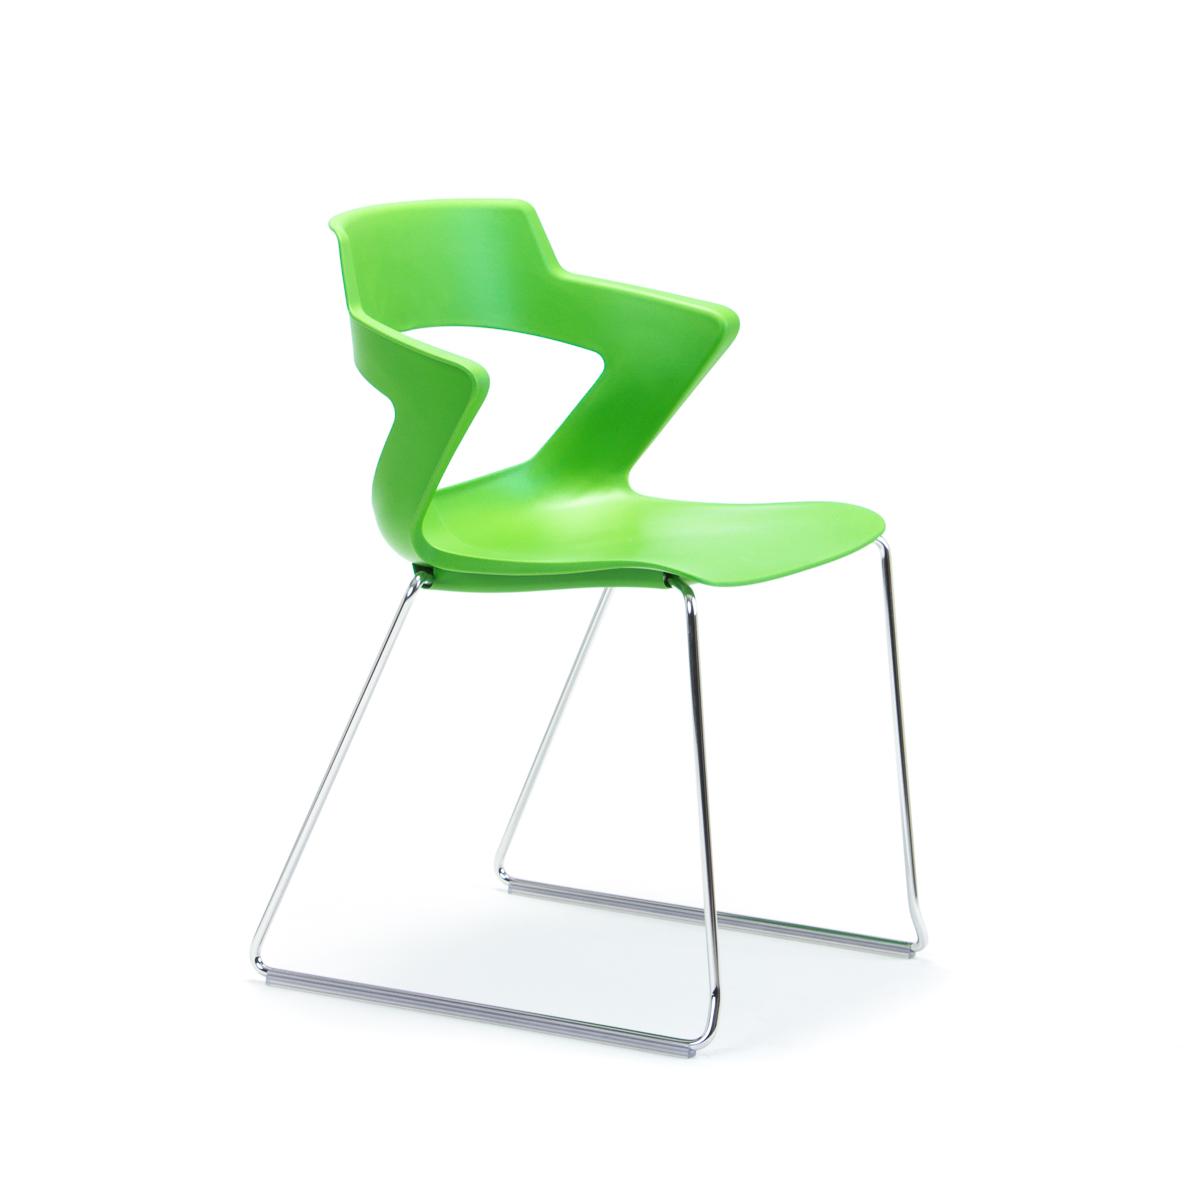 CS_Zen-sled-green.jpg